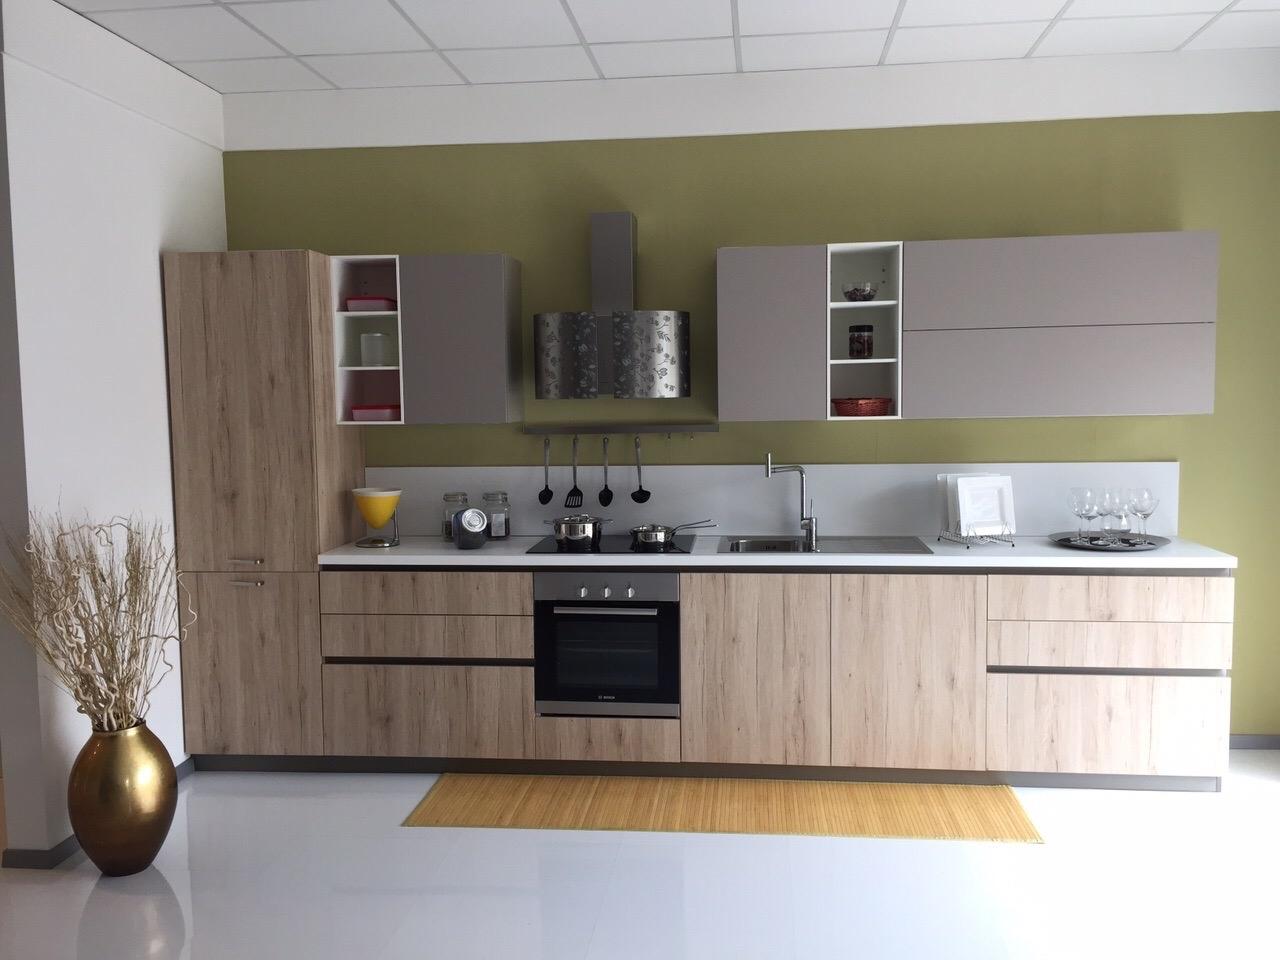 Cucina lineare dibiesse scontata del 30 cucine a prezzi scontati - Dibiesse cucine prezzi ...